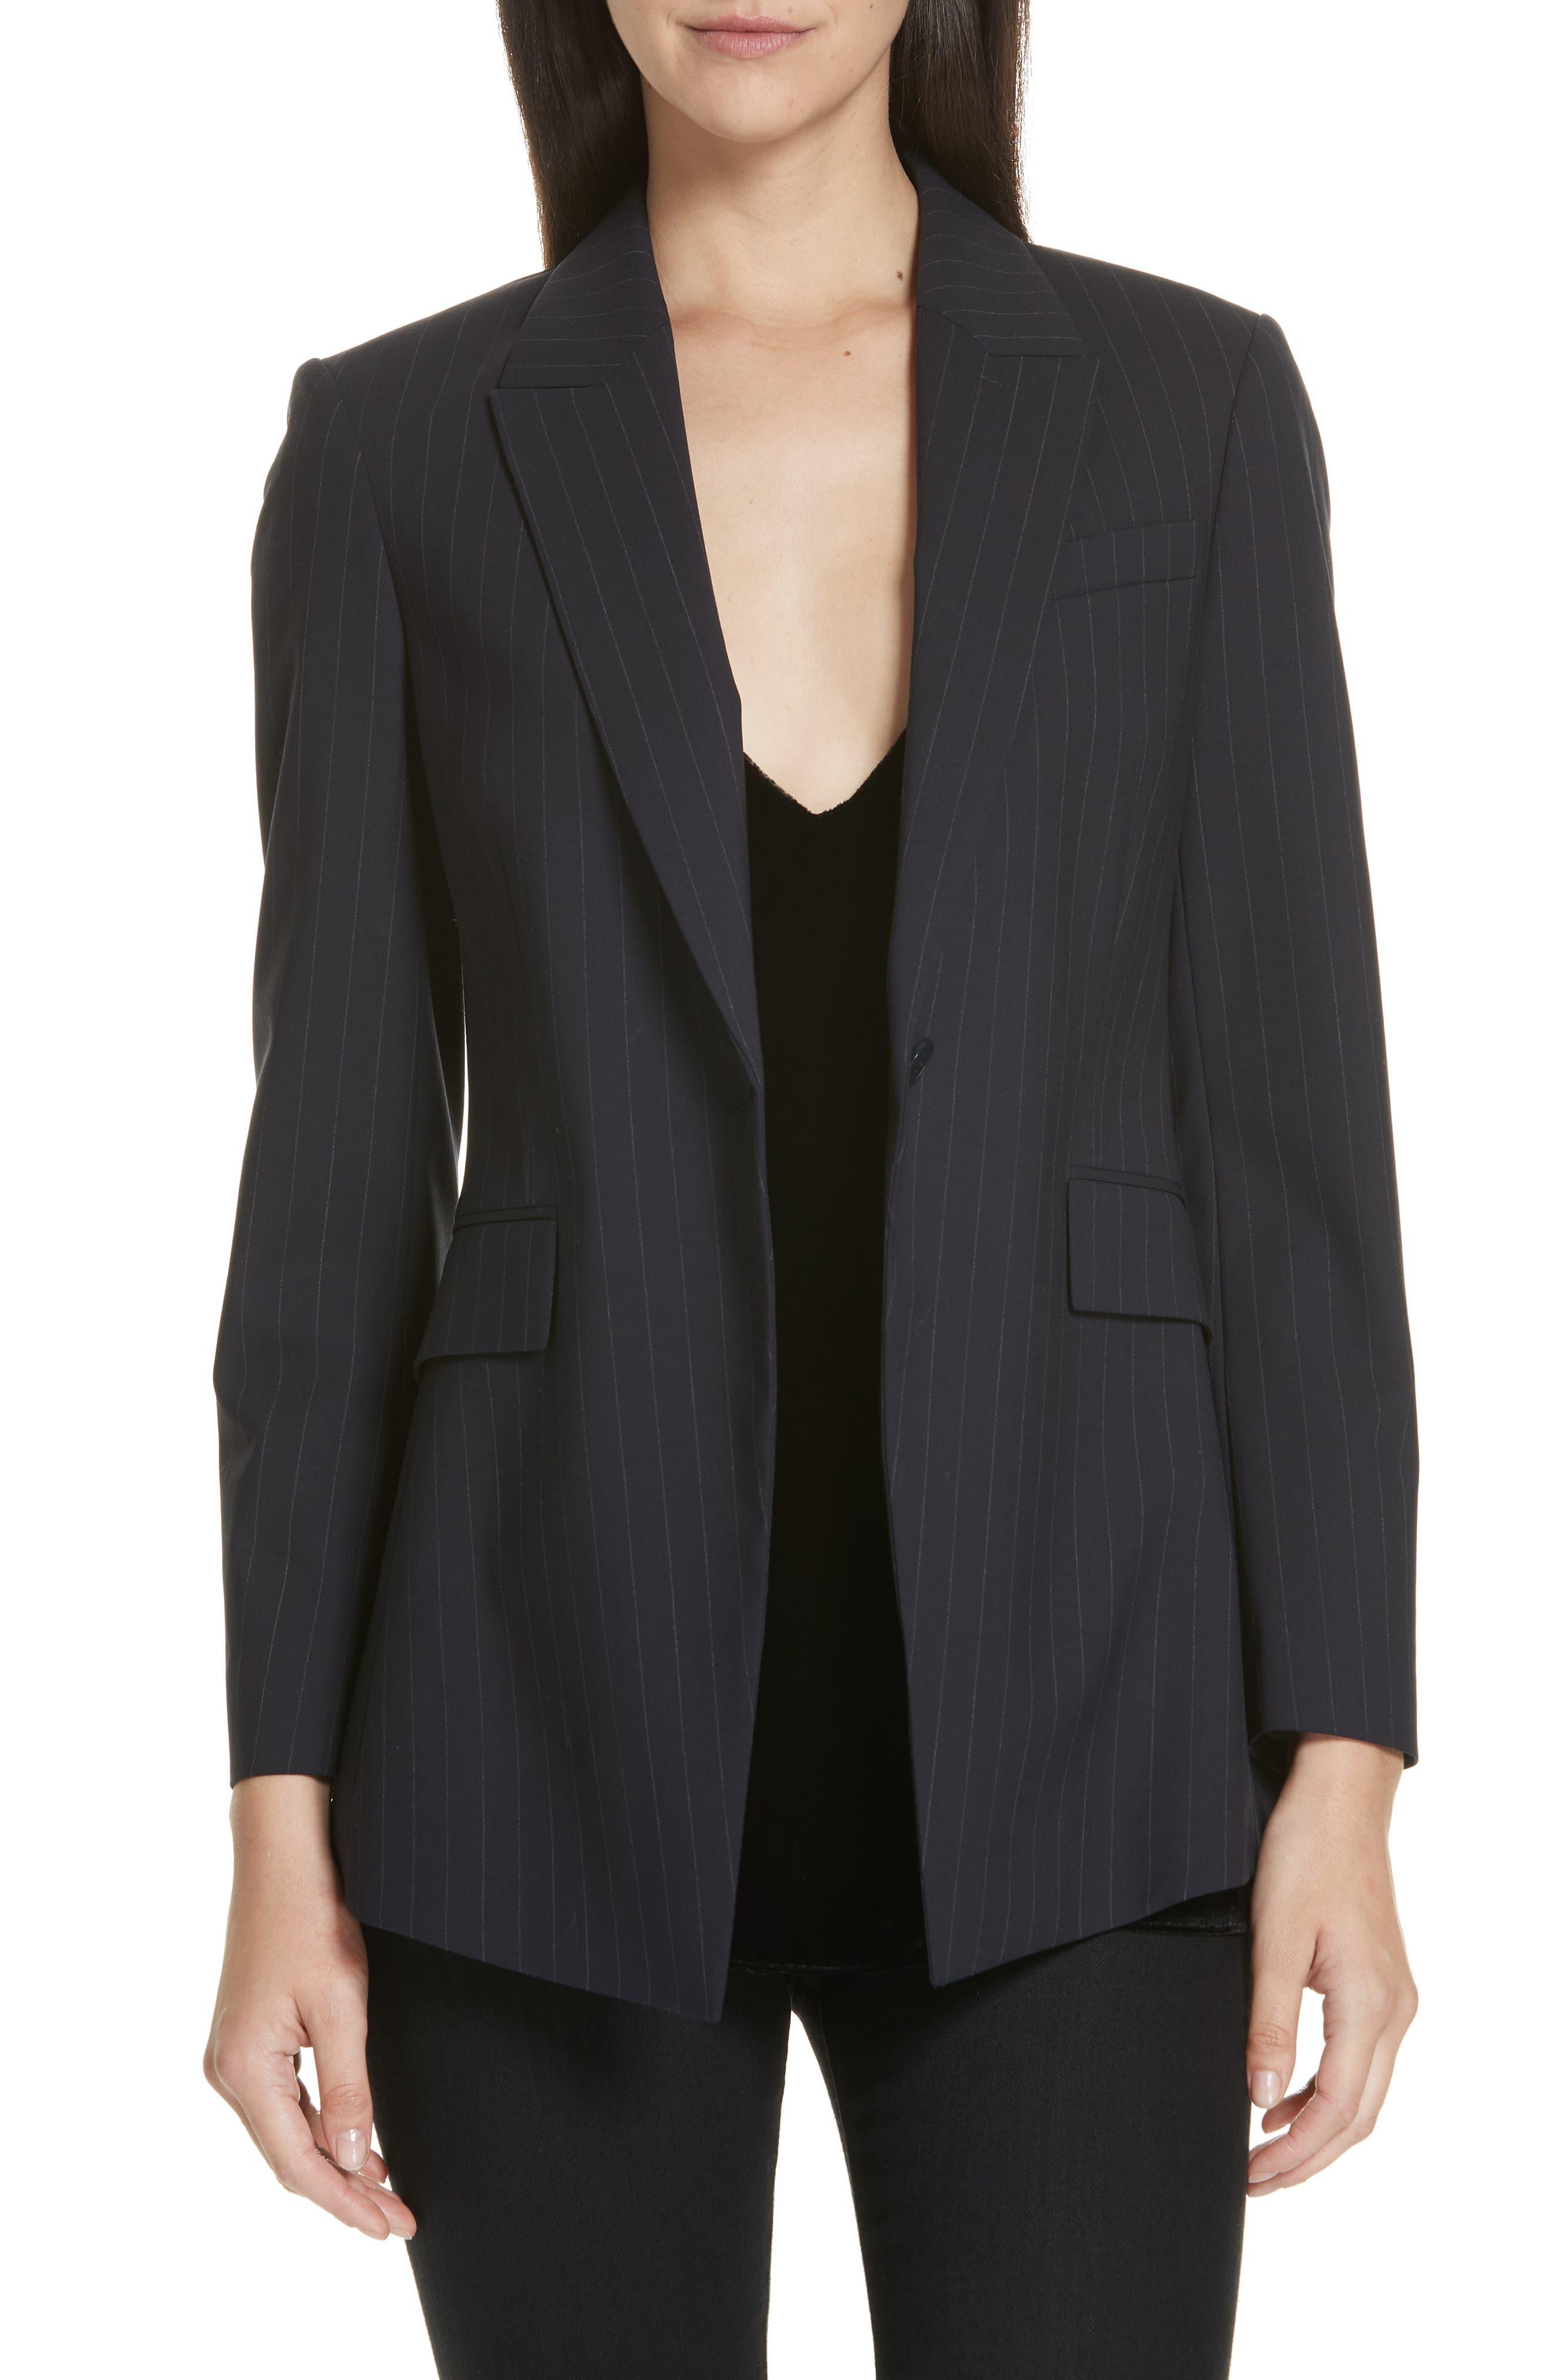 Etienette B Good Wool Suit Jacket,                             Main thumbnail 3, color,